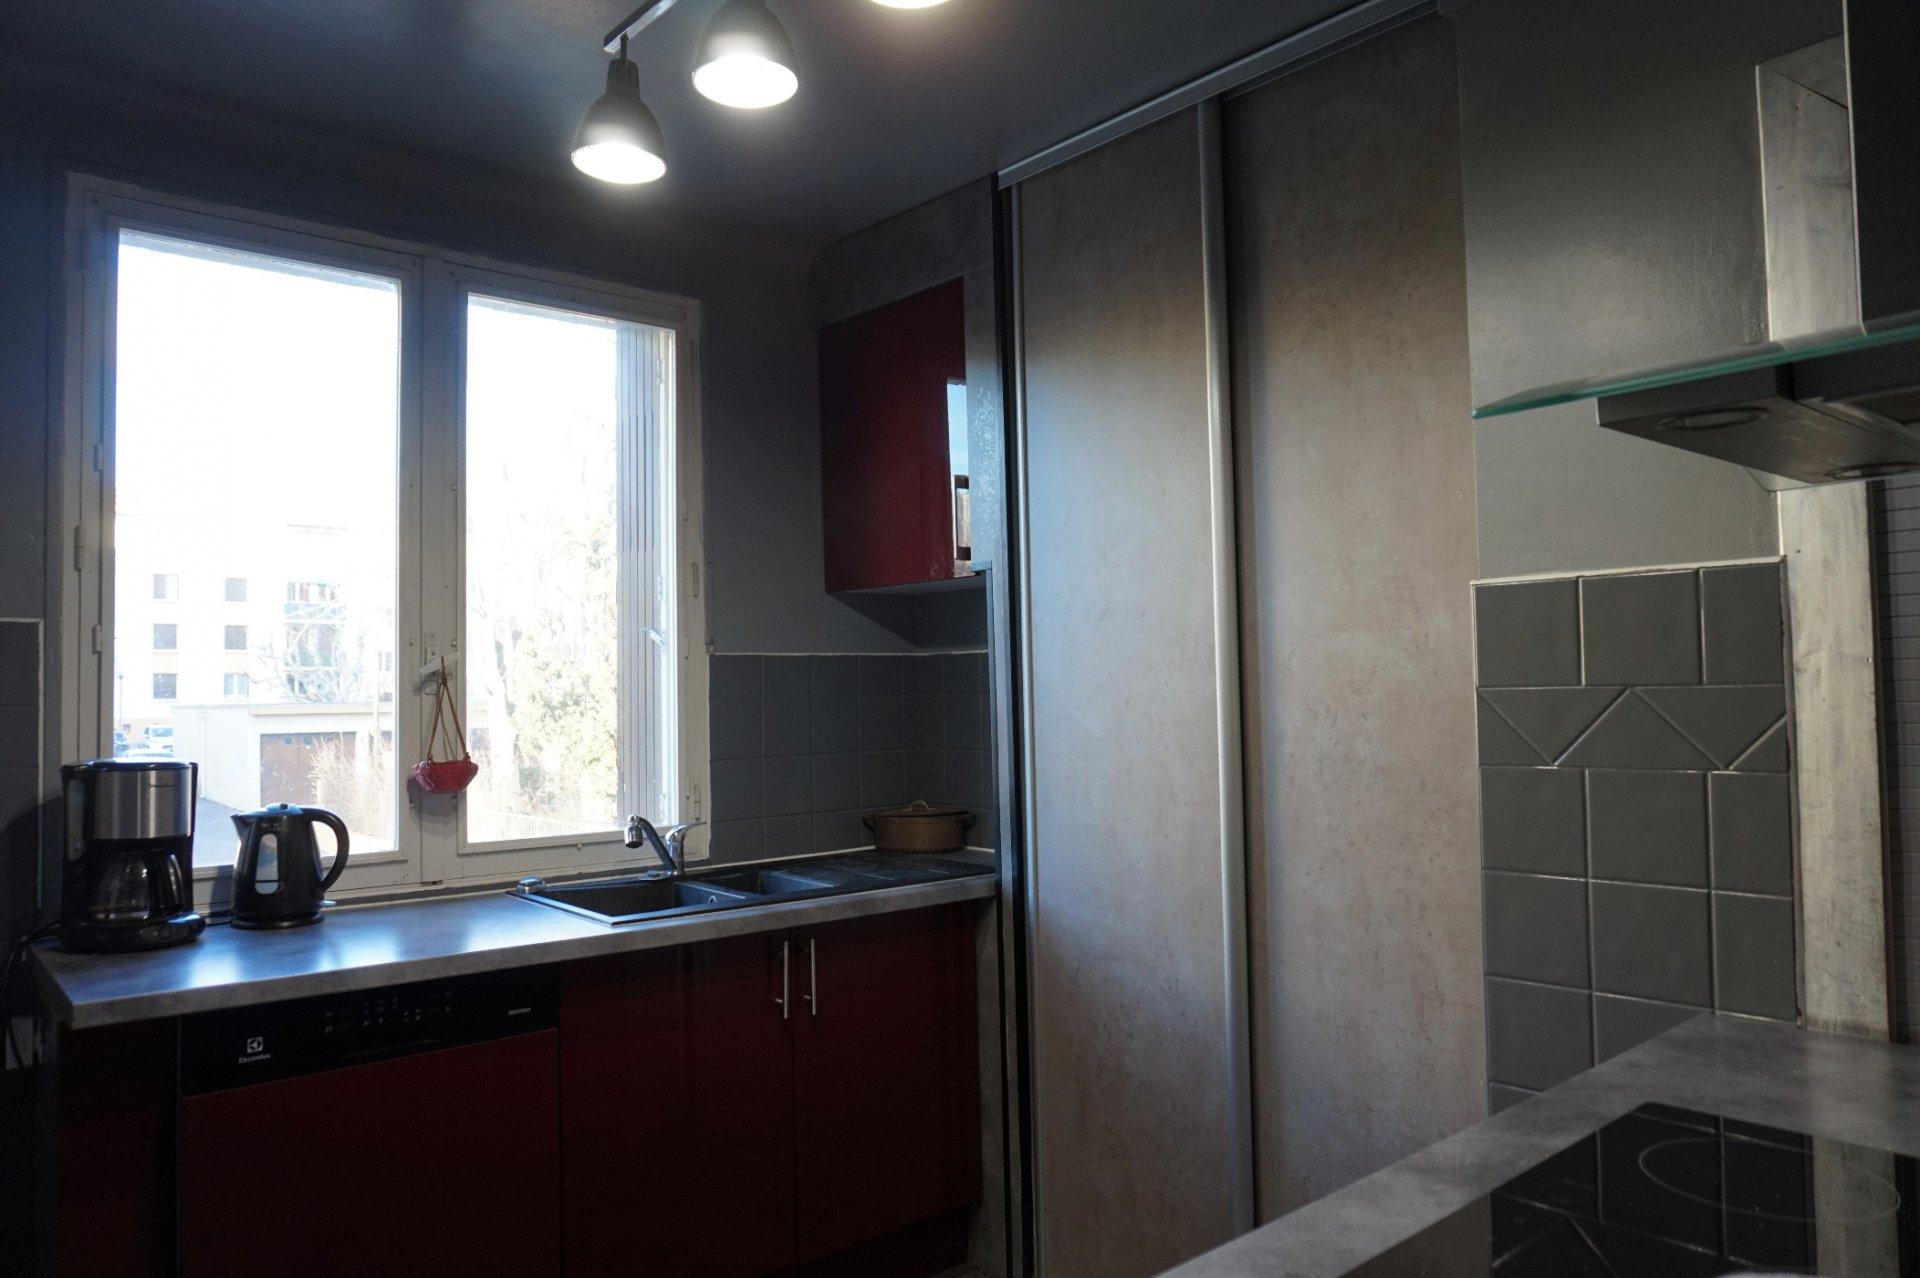 Aix - Agréable appartement T4 avec belle vue dégagée